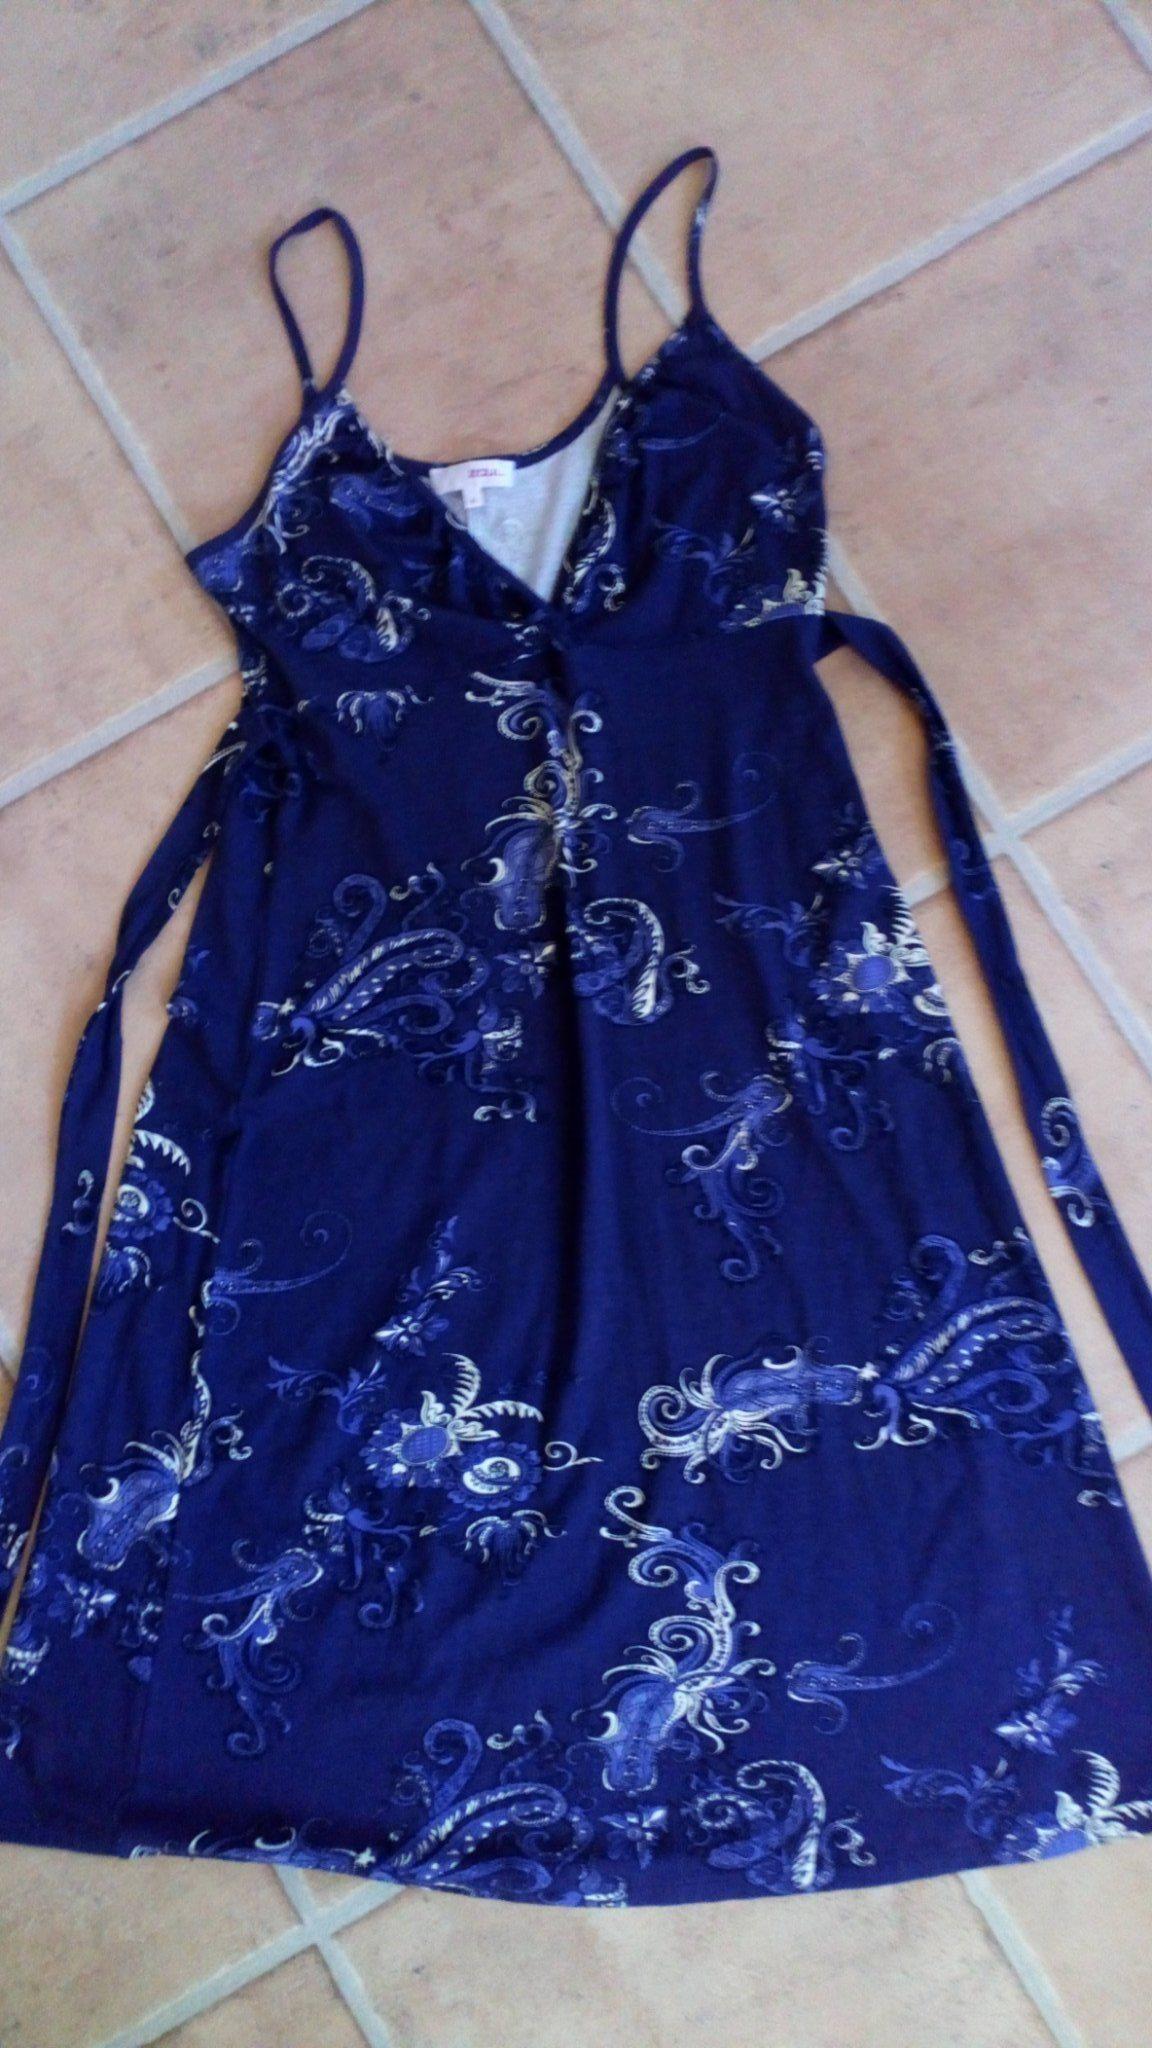 ef0de526 Zoul MQ Jersey Dress Stretch Trikå Aubergine Vacker Klänning Str M 36-38  som Ny ...